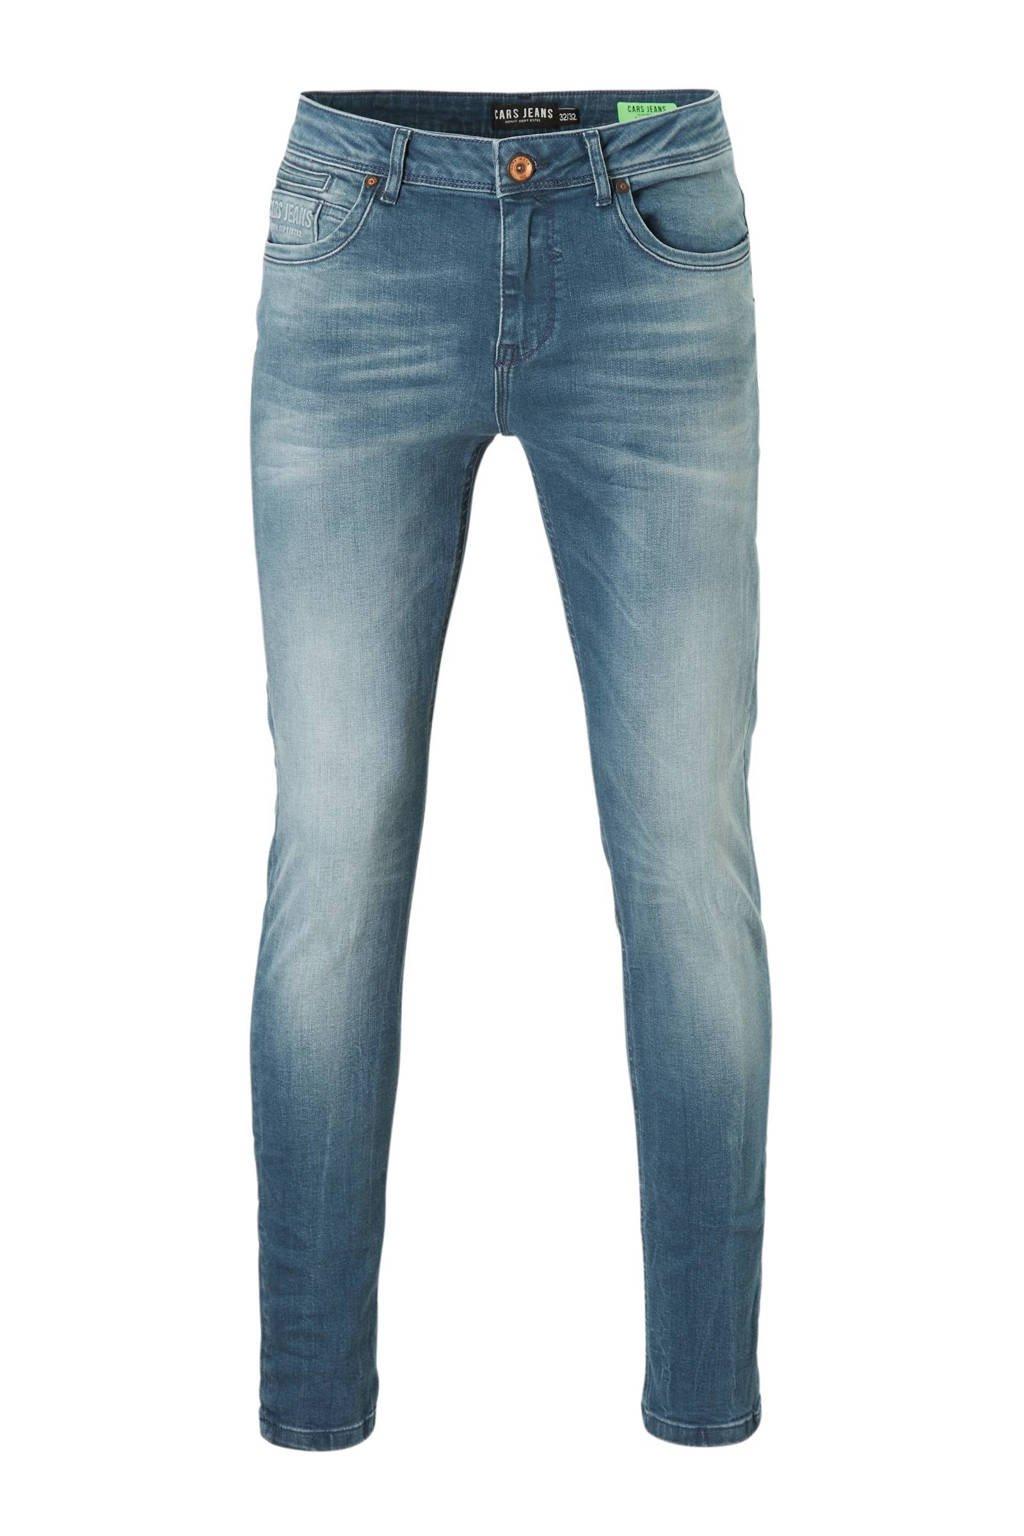 Cars slim fit jeans Blast, Lion Blue